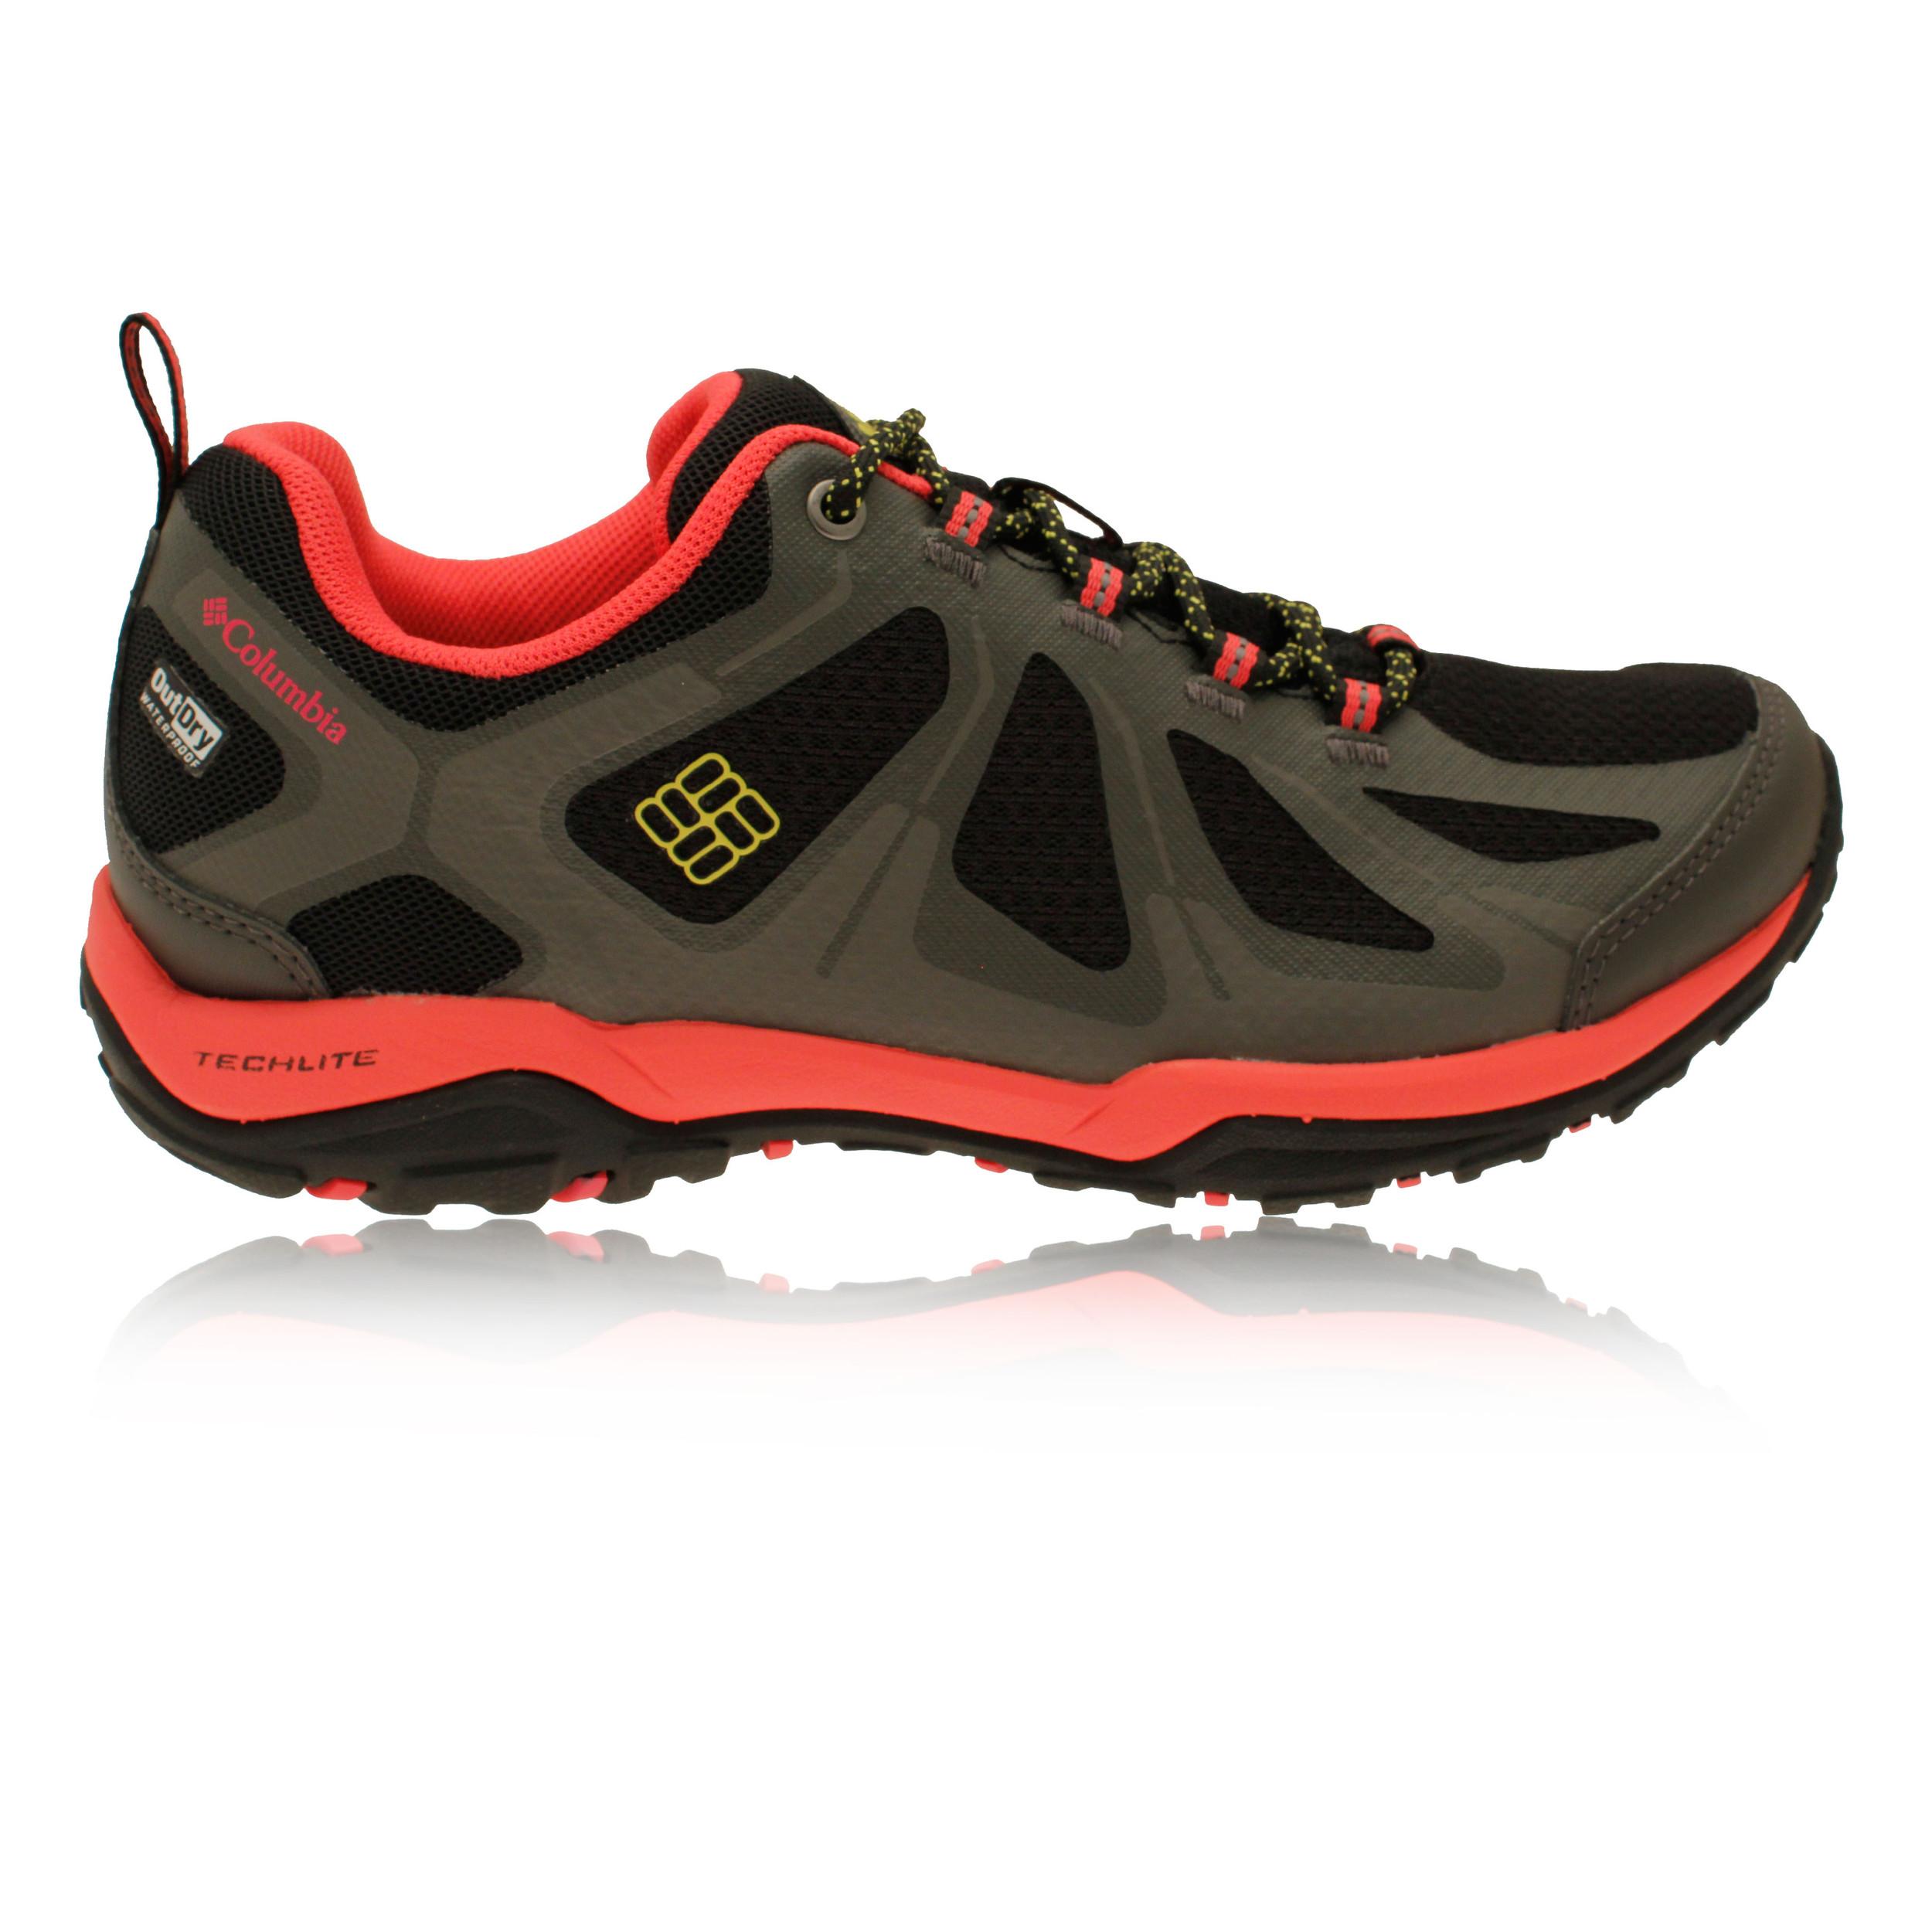 Columbia-Peakfreak-Xcrsn-Ii-Femmes-Rose-Noir-Impermeable-Running-Chaussures